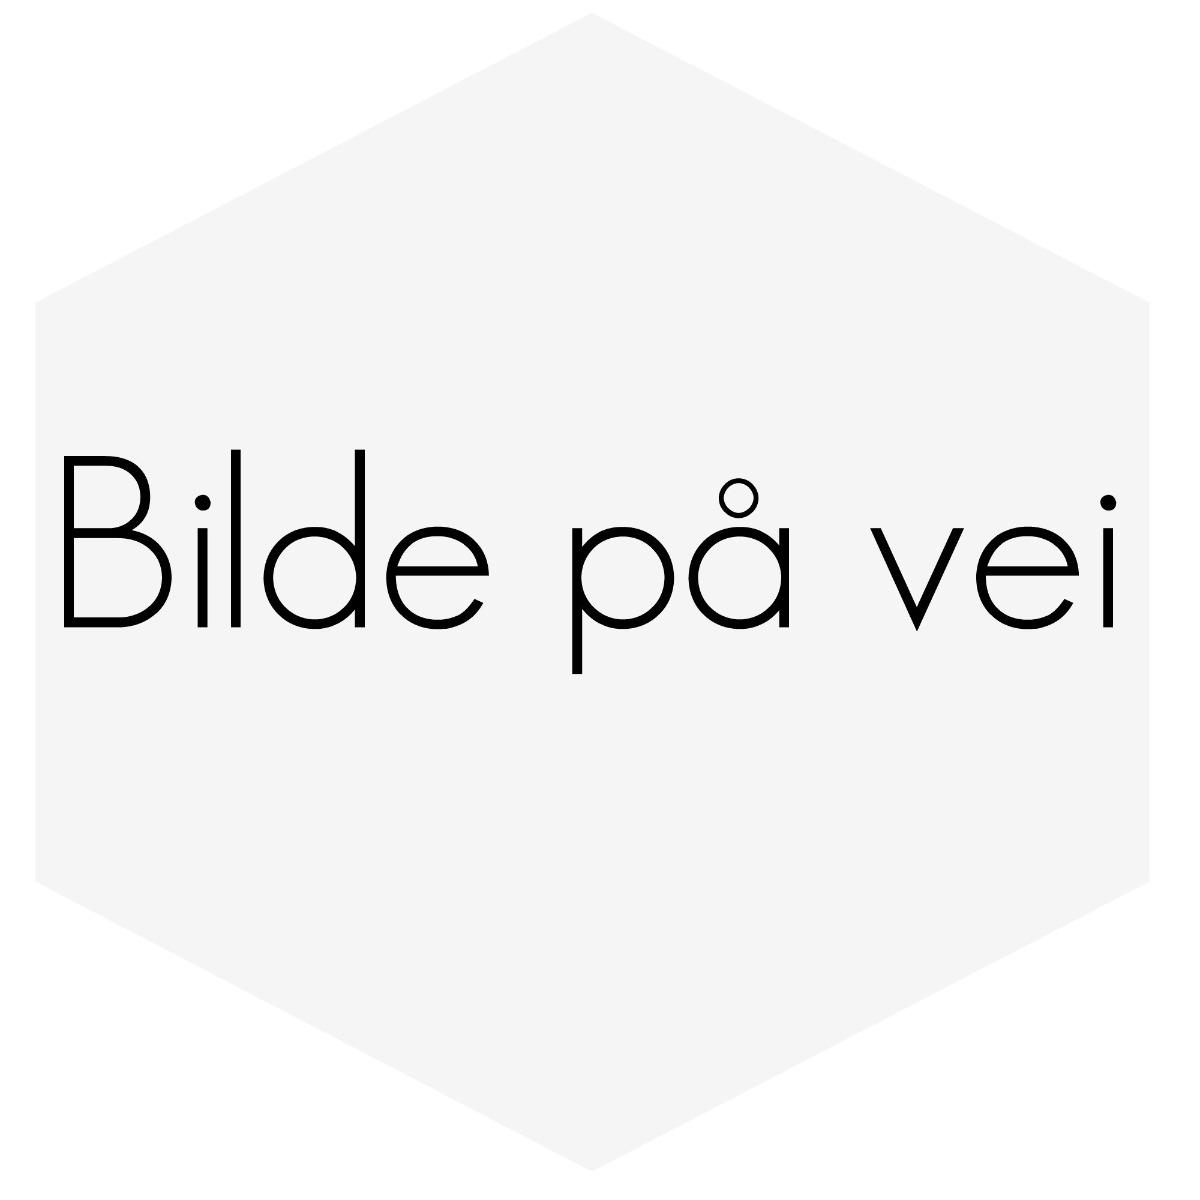 LOKK TIL TAUEKROK PÅ IRIDIUM FRONTFANGER TIL VOLVO V70N/S60